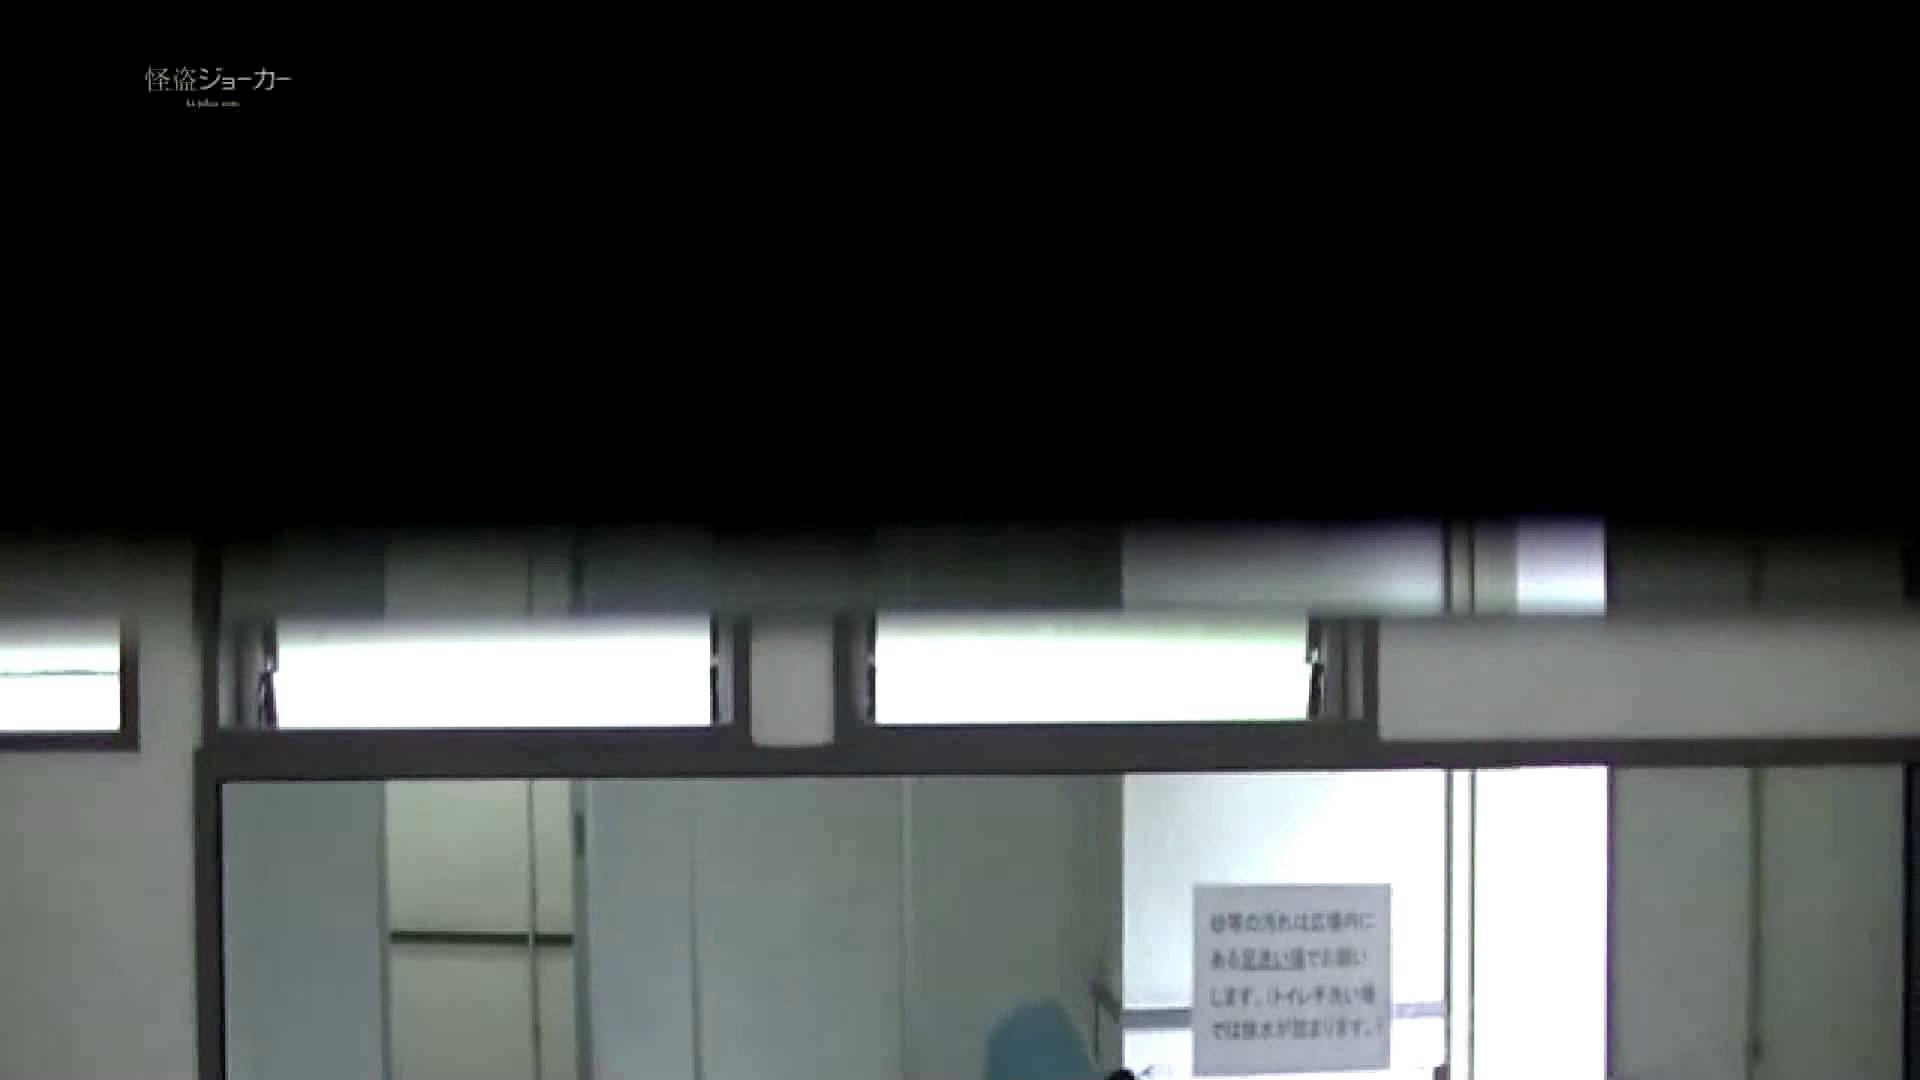 夏の思い出浜辺トイレ盗撮Vol.12 潜入エロ調査   OL  42連発 31